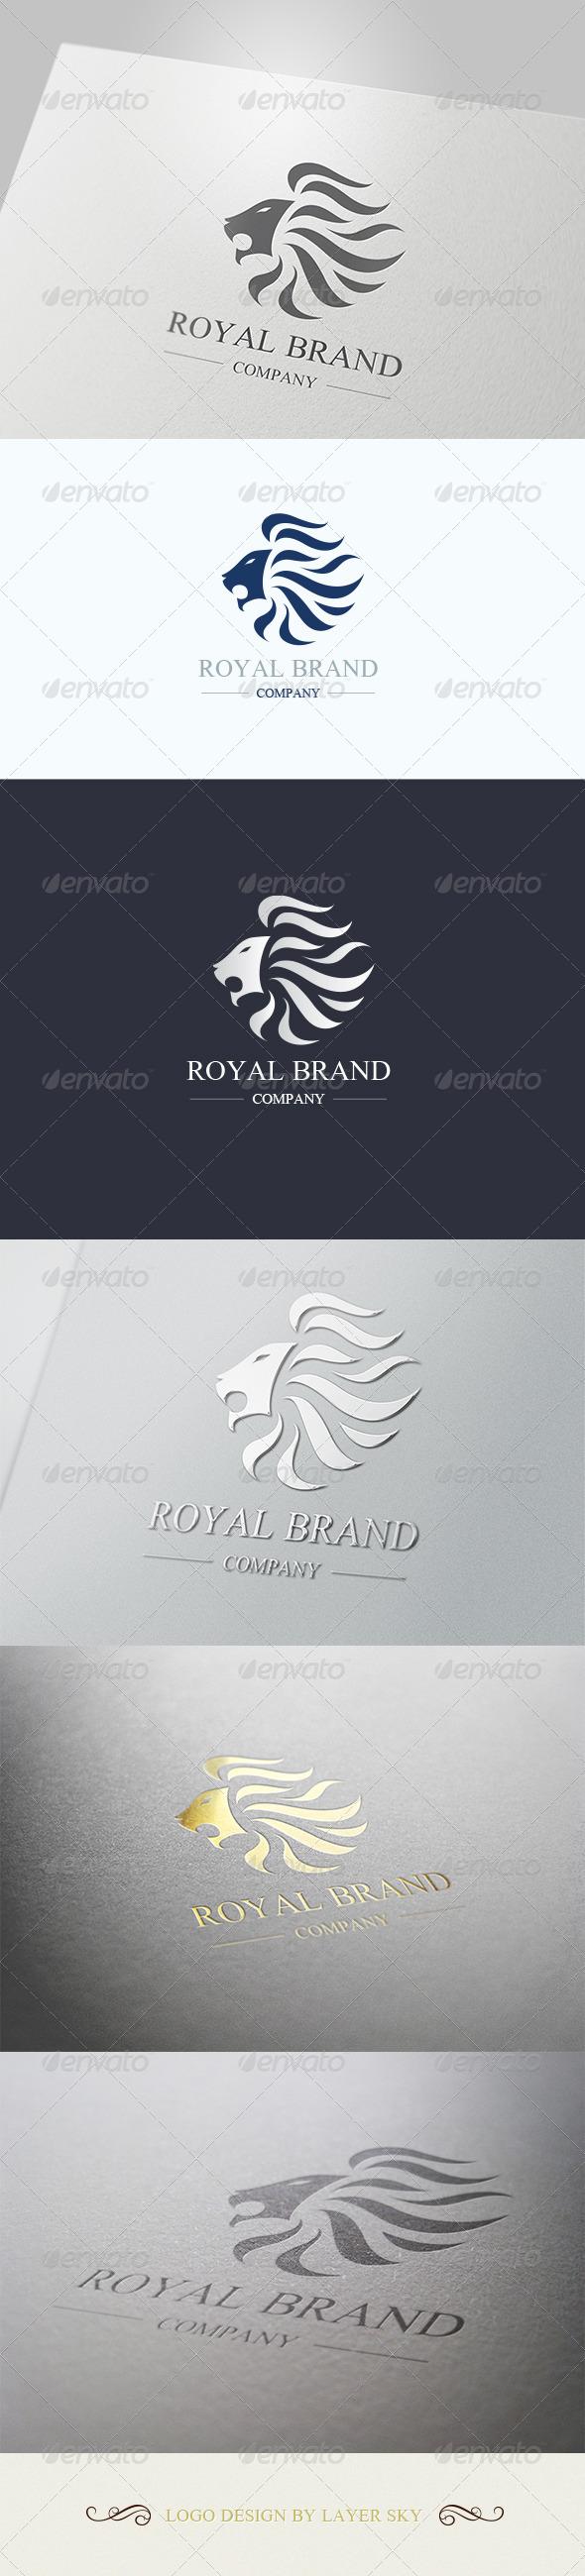 Lion Royal Brand Logo 1